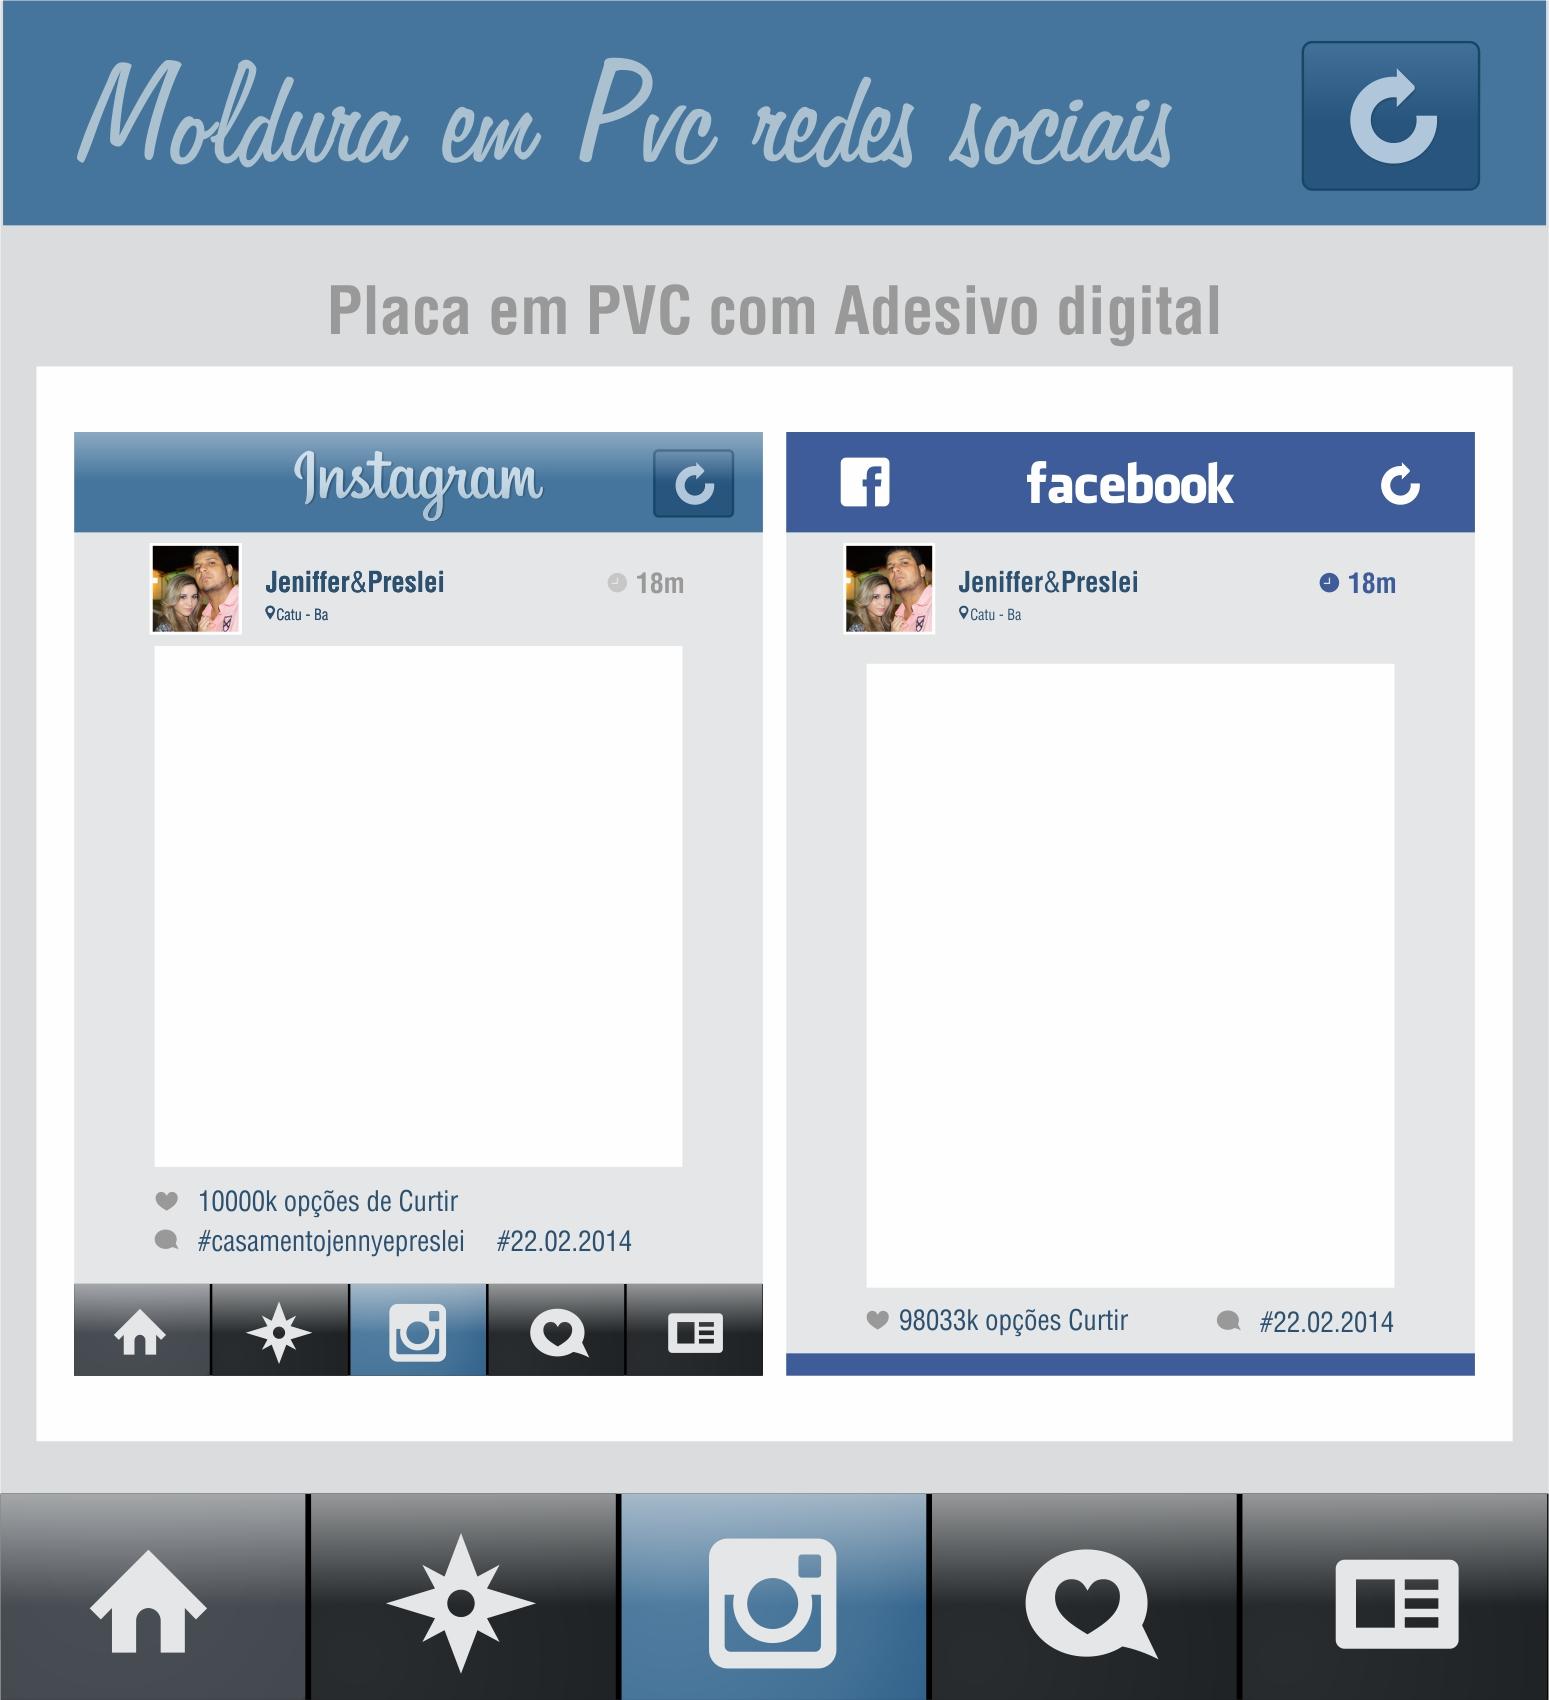 placa moldura pvc instagram face 50x30 dzain comunica o elo7. Black Bedroom Furniture Sets. Home Design Ideas